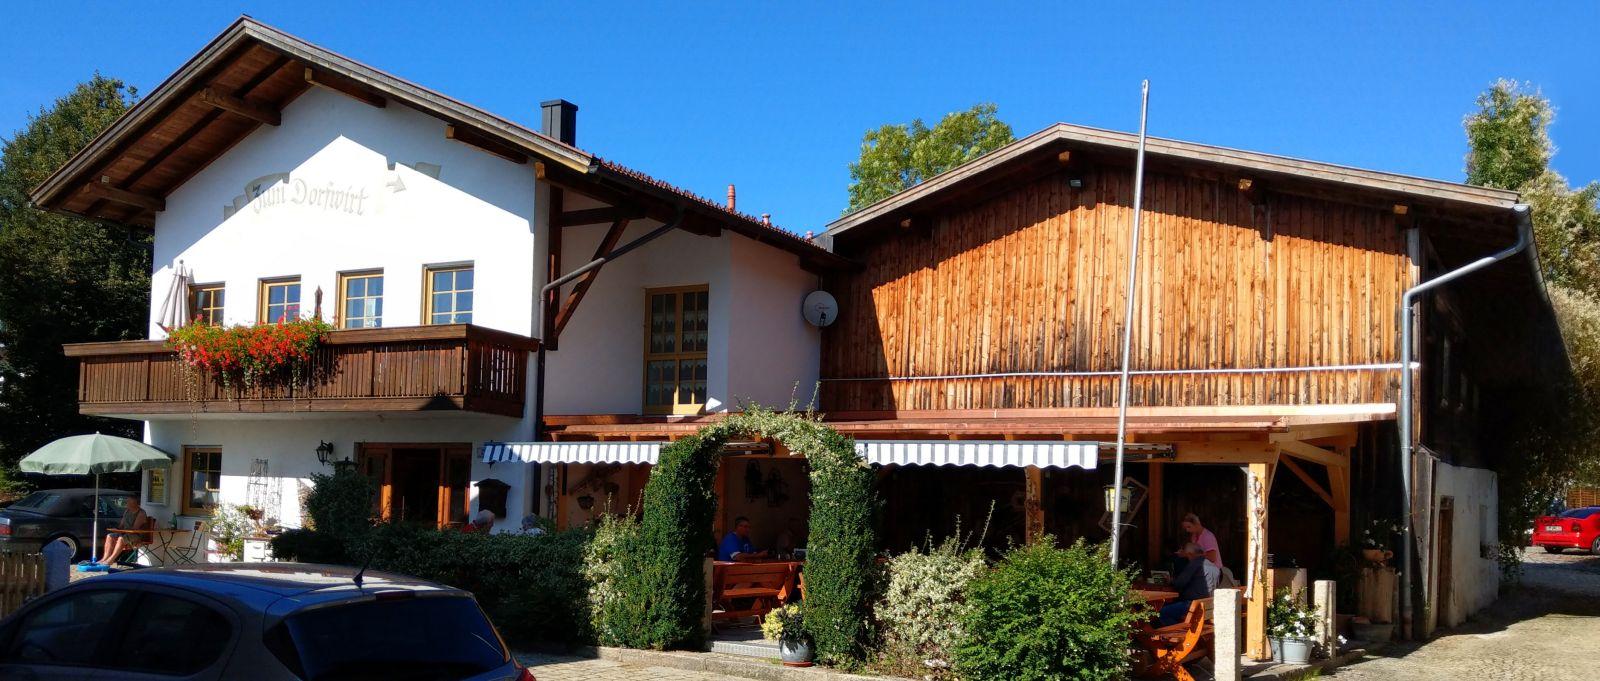 dorfwirt-arnbruck-biergarten-ausflugslokal-ferienhaus